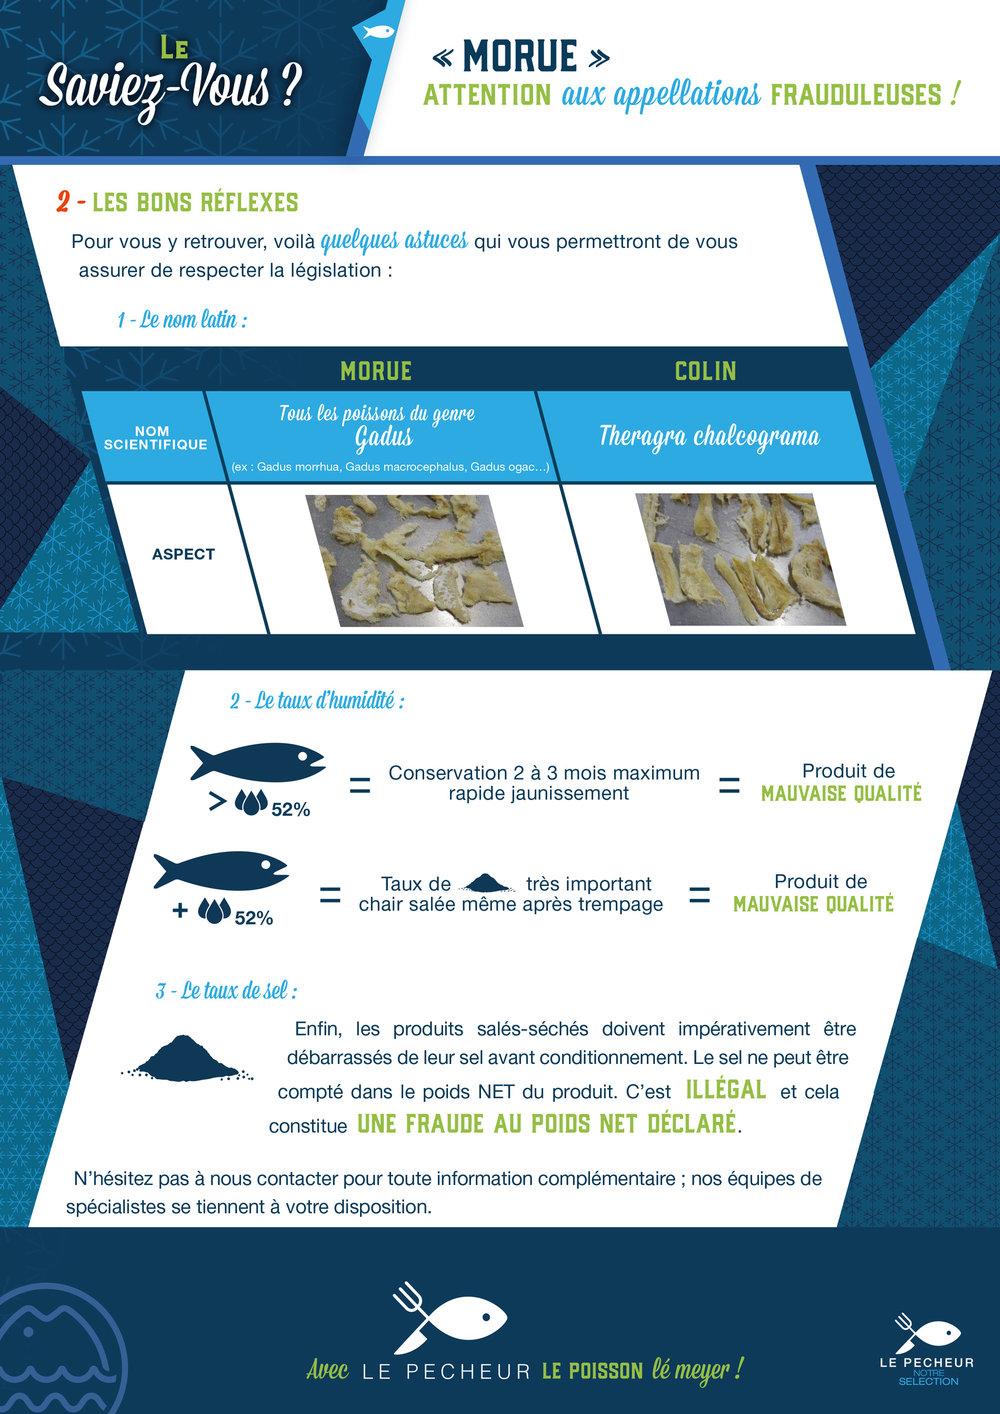 Le-pecheur-morue-sales-arguments-V8-WEBp2.jpg